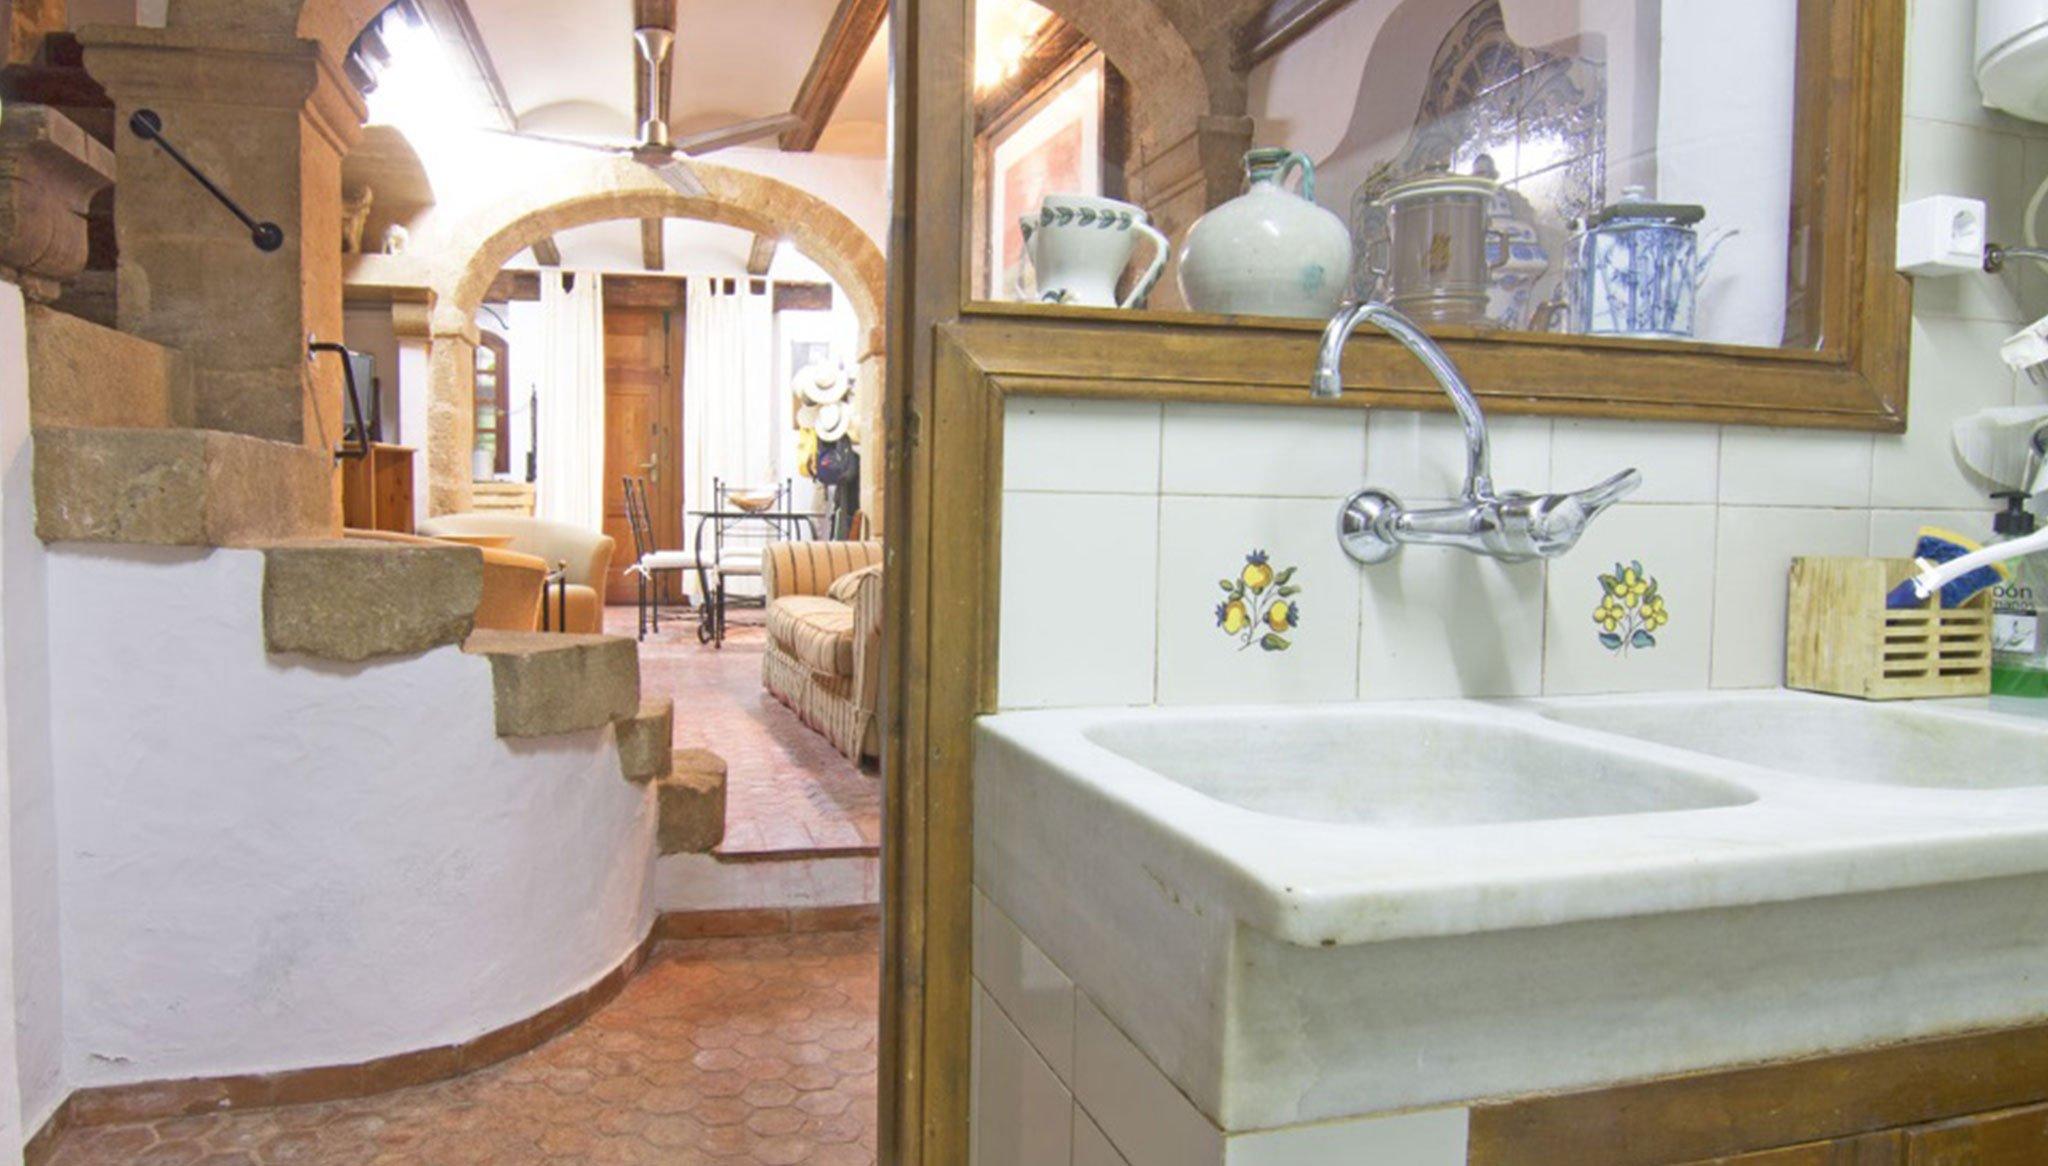 Detall de la cuina en una casa de poble a Xàbia - MORAGUESPONS Mediterranean Houses